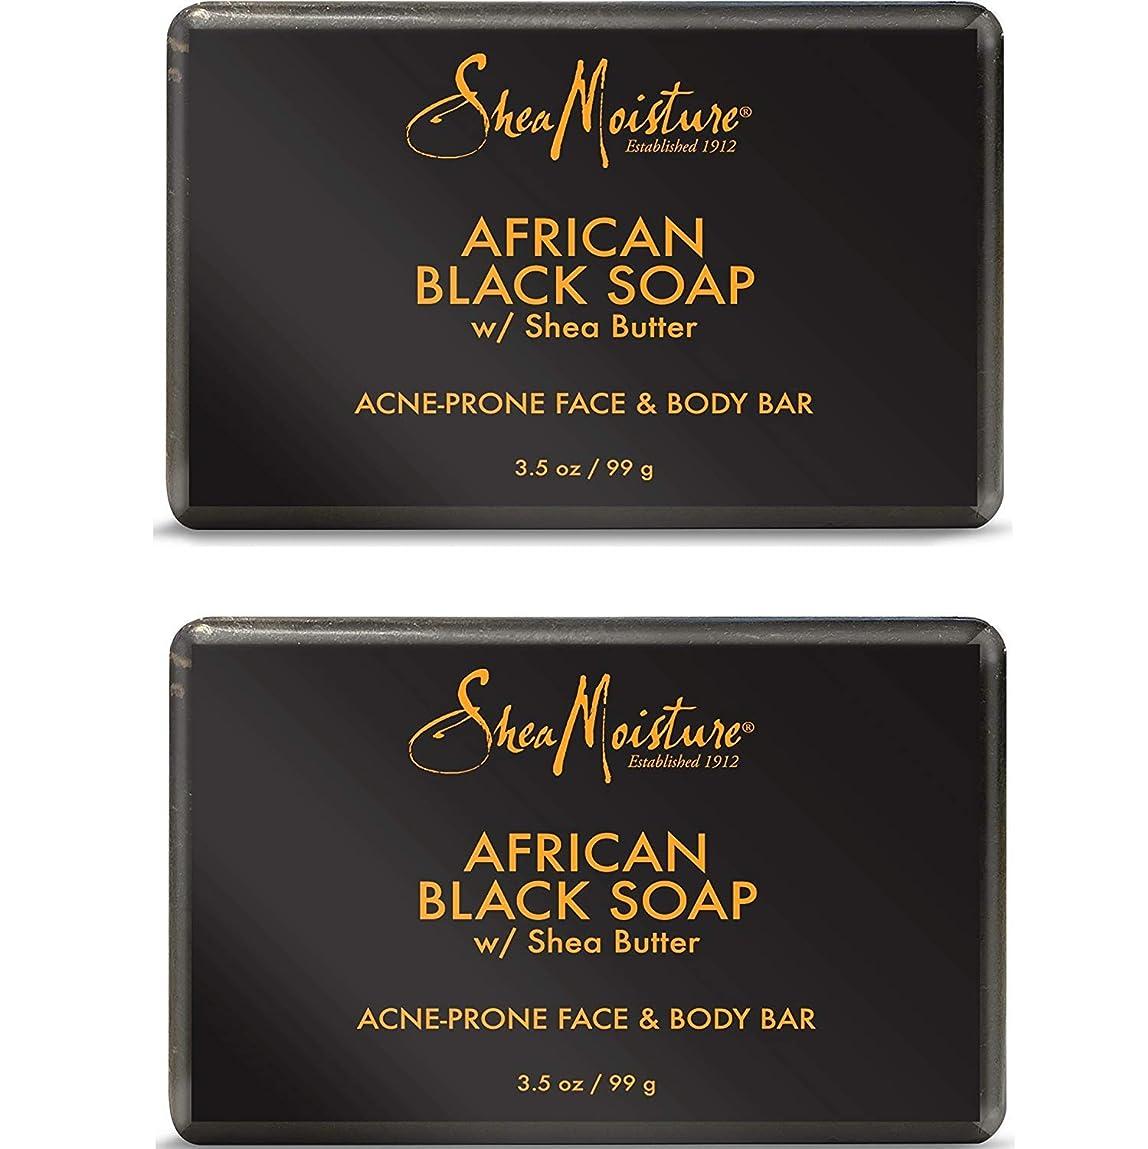 鮮やかなまともなラショナルShea Moisture アフリカンブラックソープバー、3.5オズ、2パック 2パック